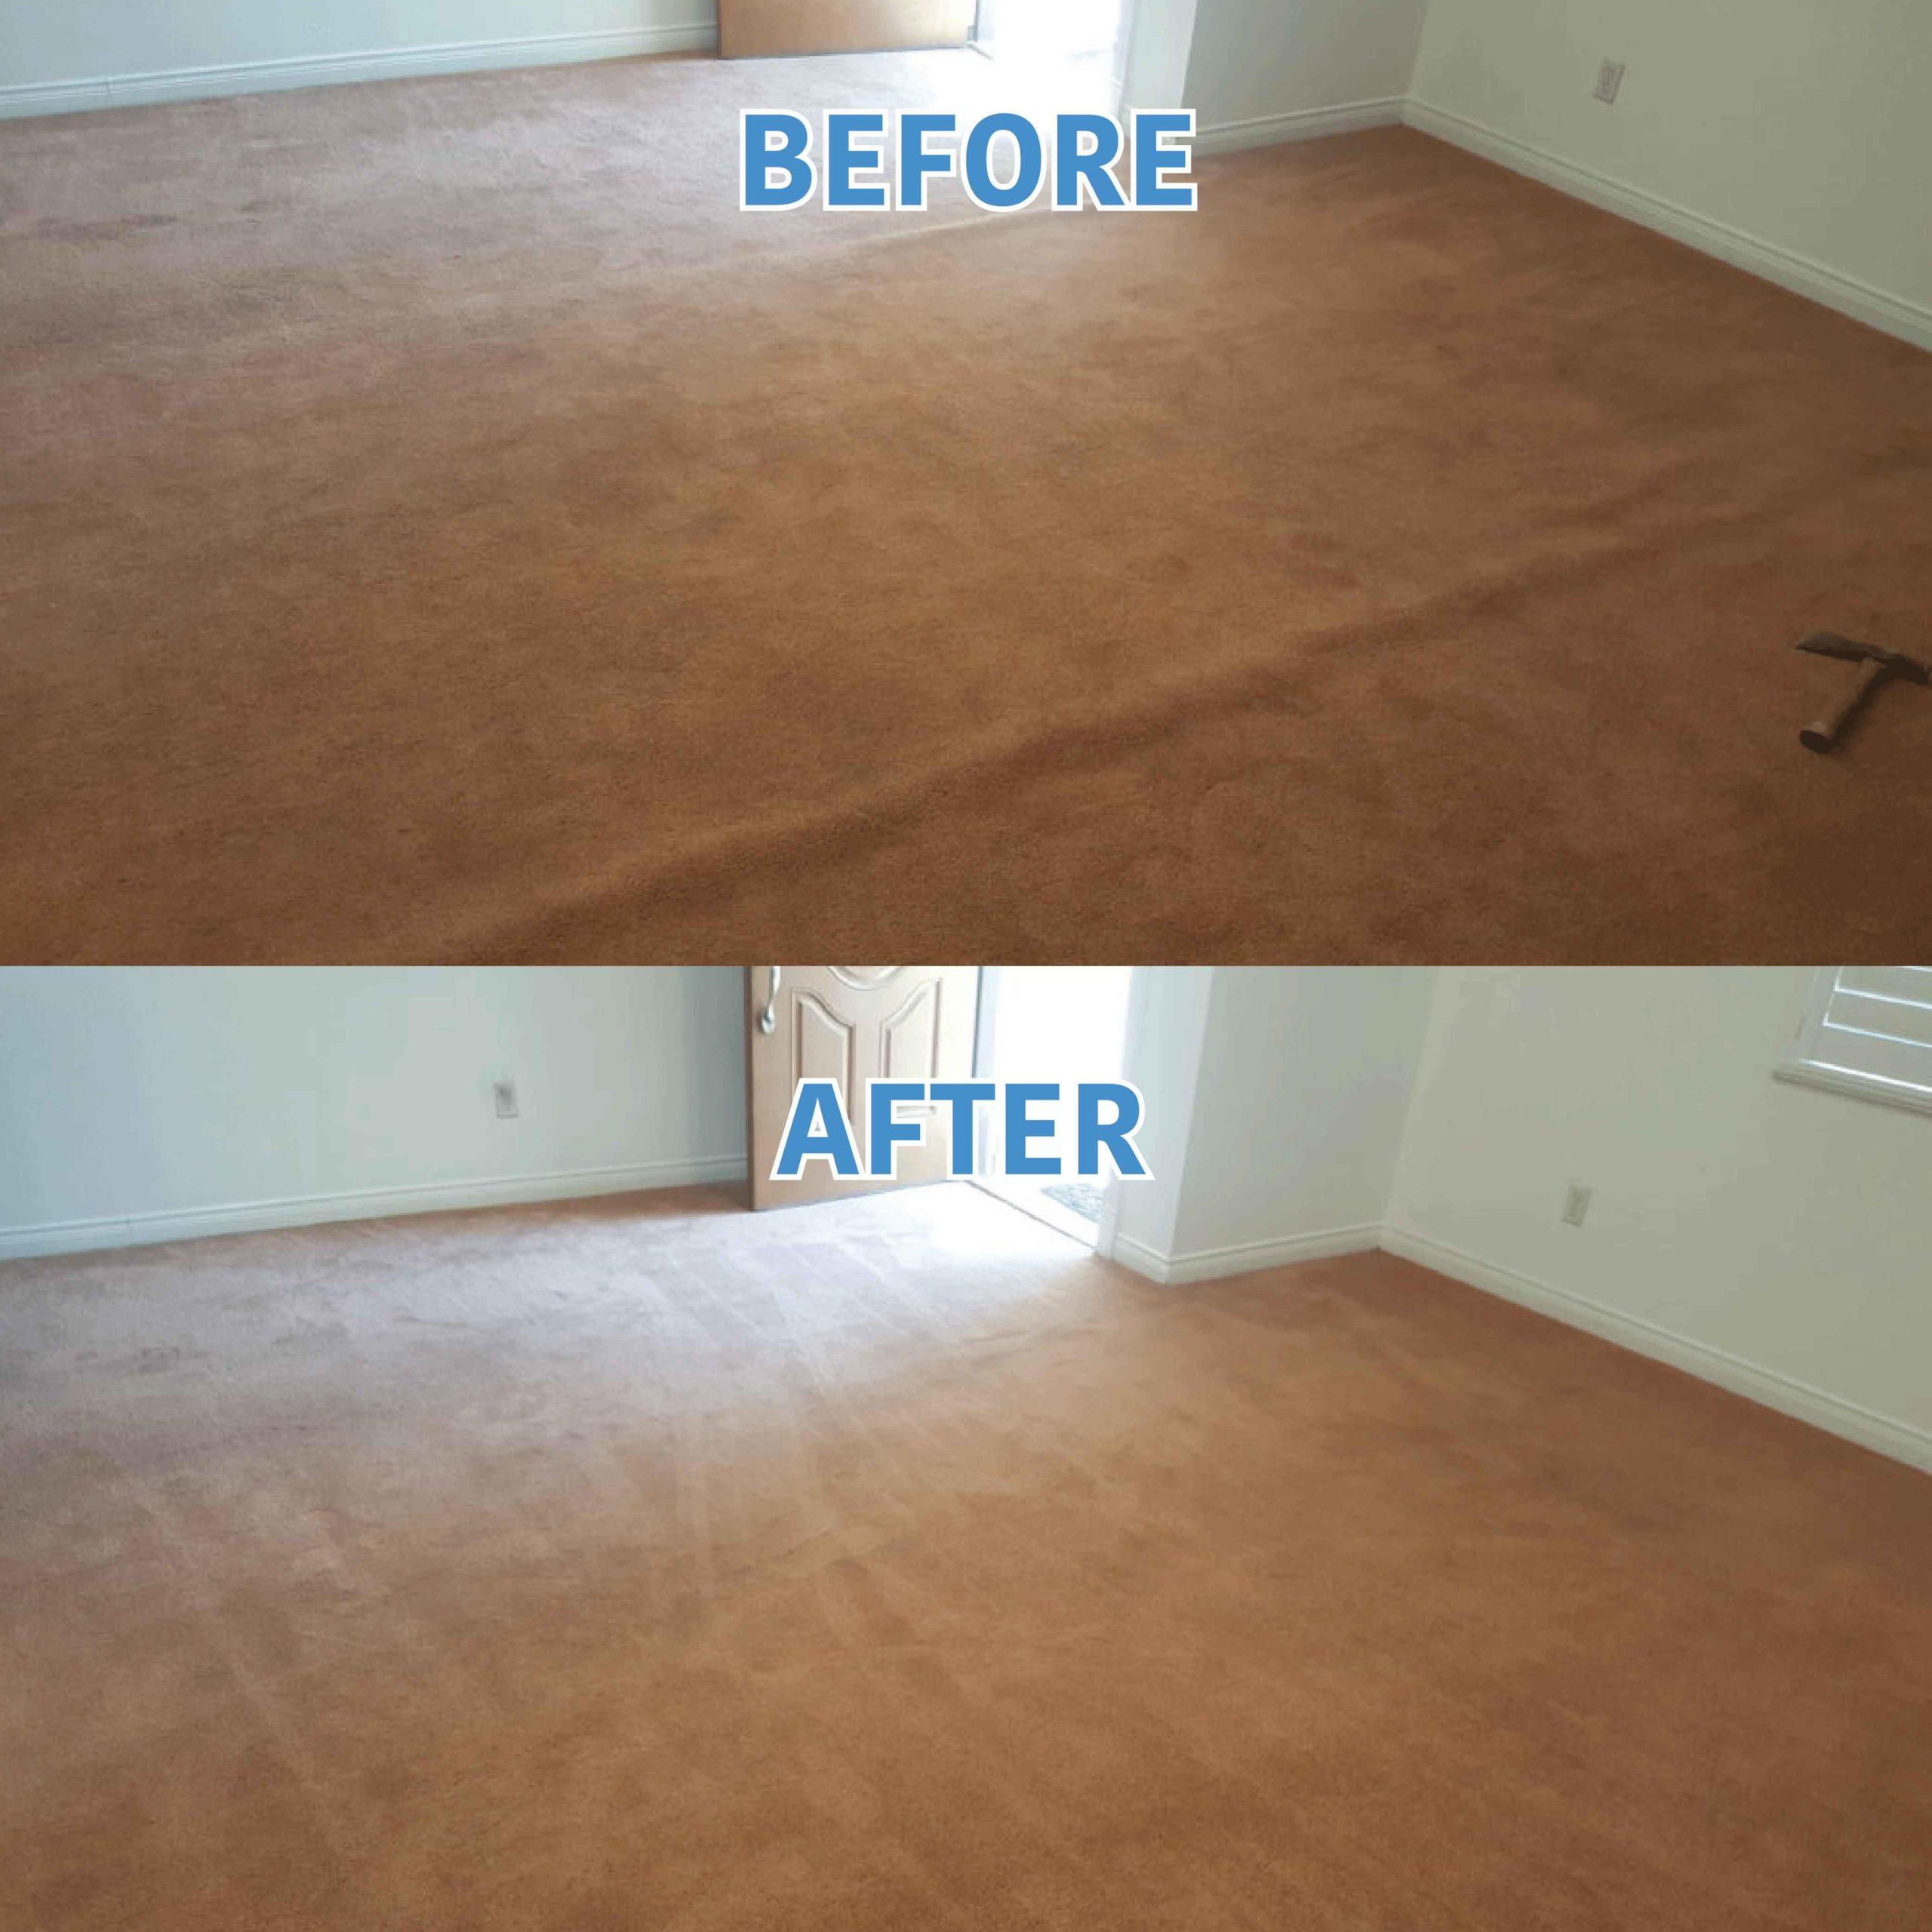 Carpet Re-Streching